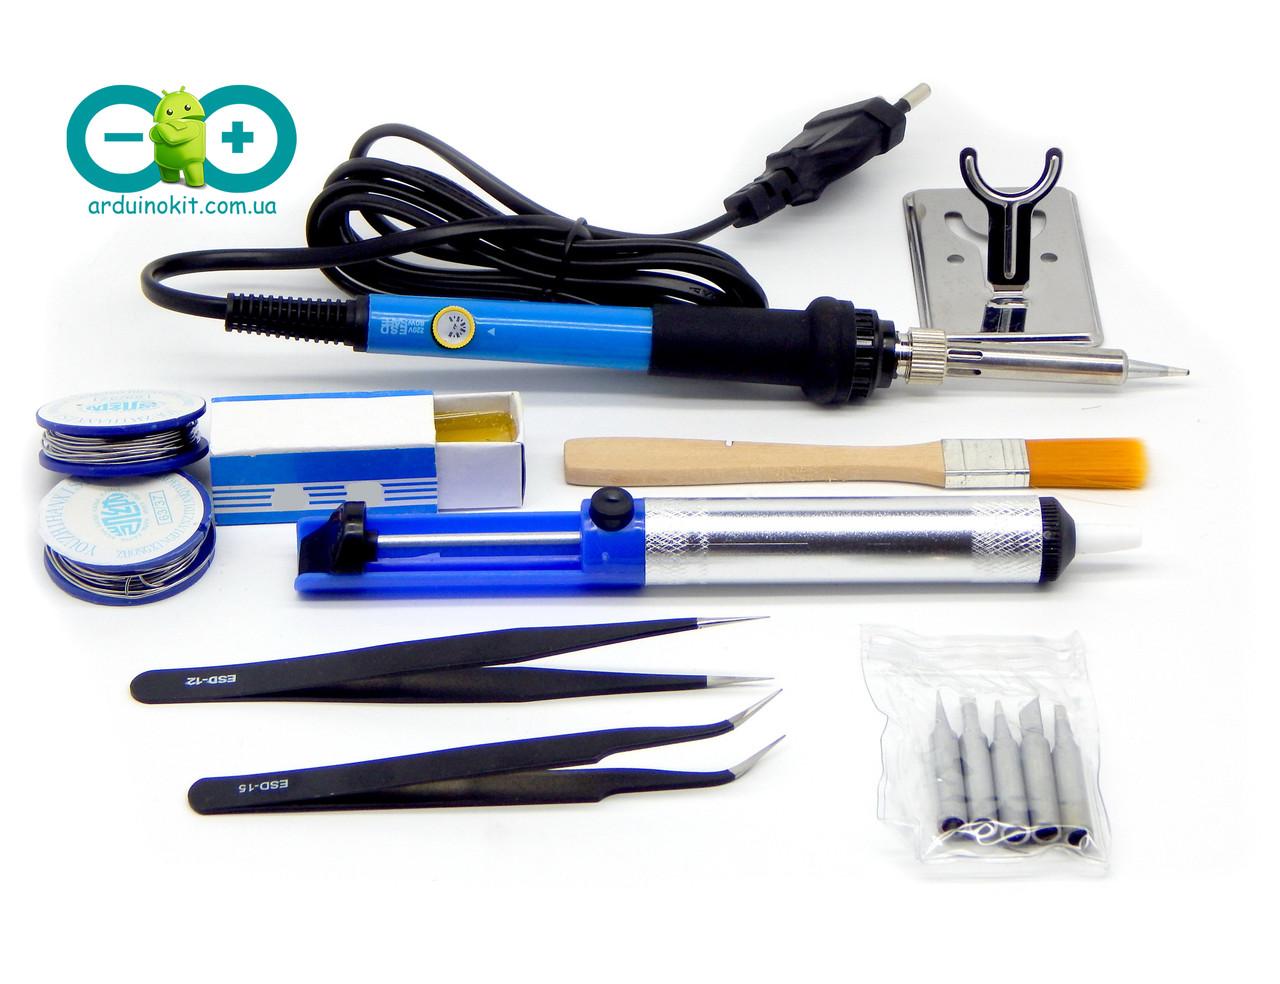 Паяльник электрический + отсос для припоя + 2 пинцета + олово